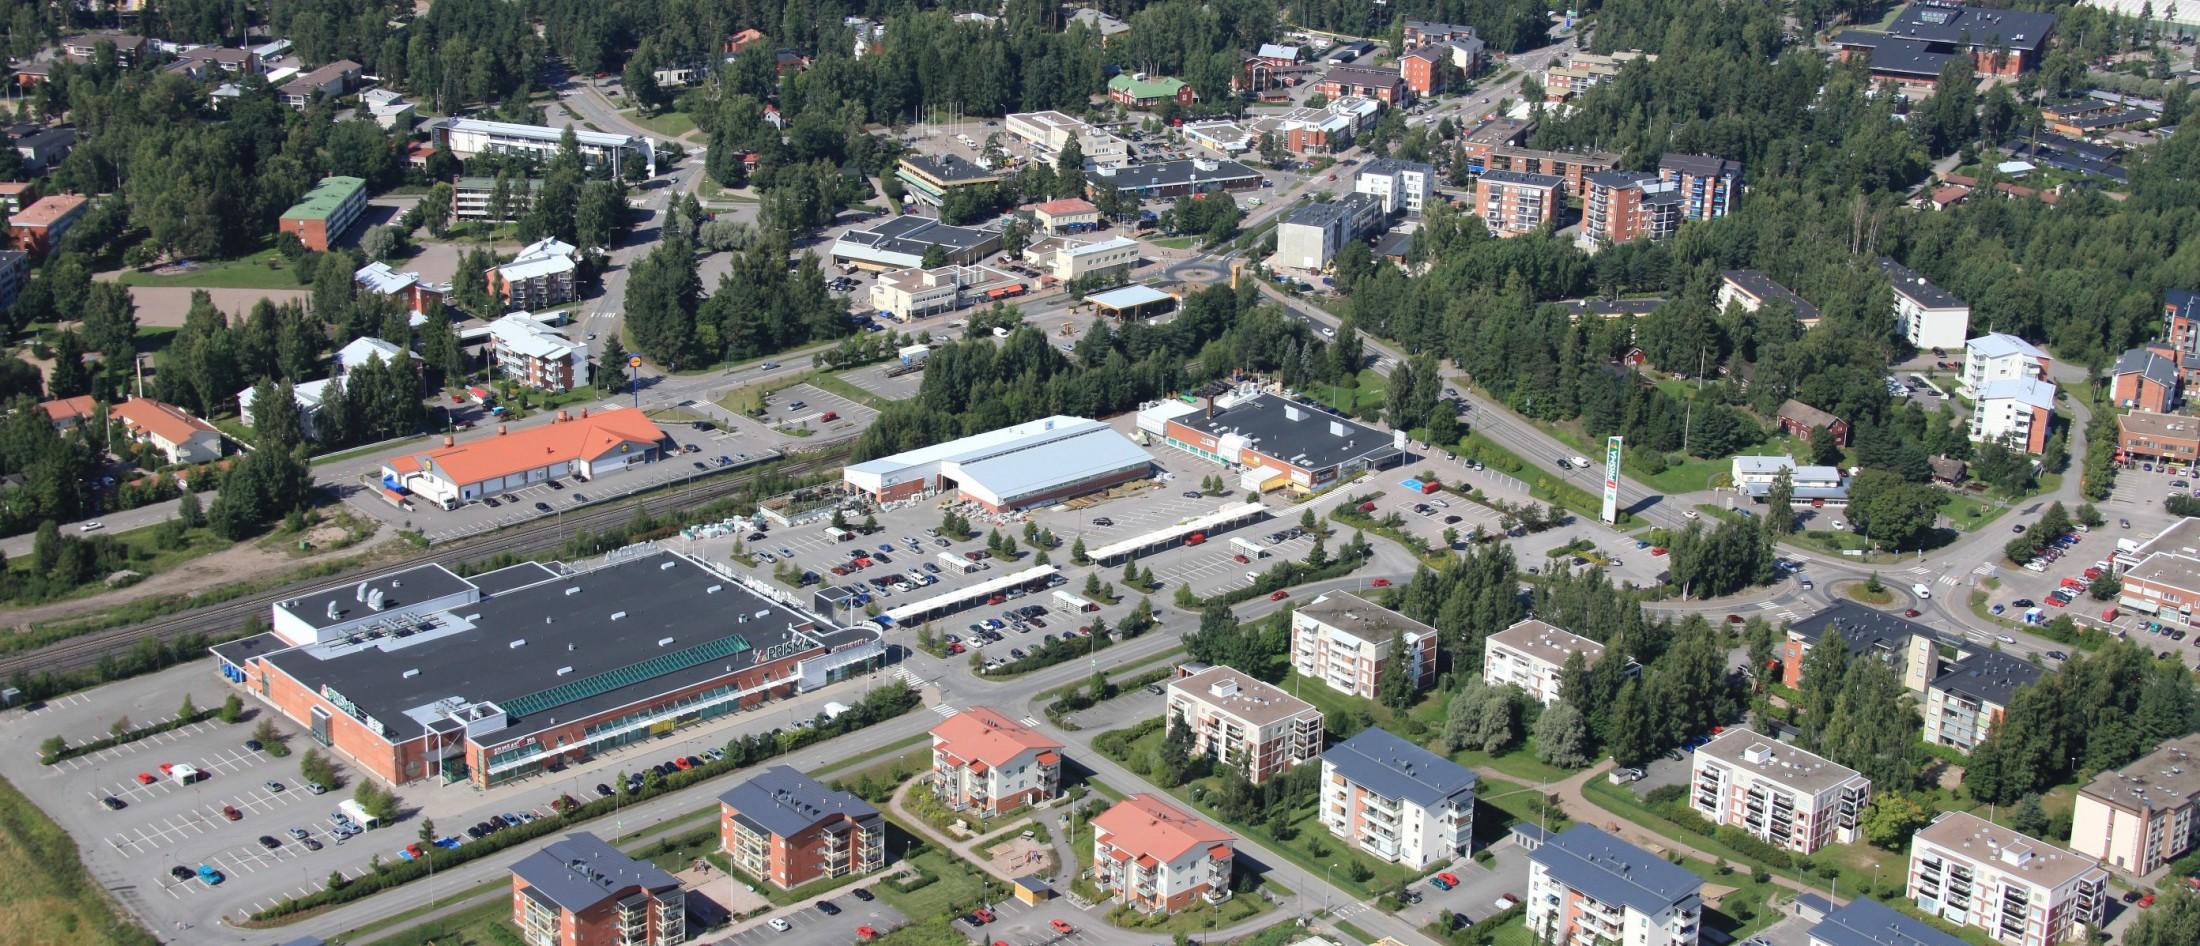 Viistokuva Nummela keskusta